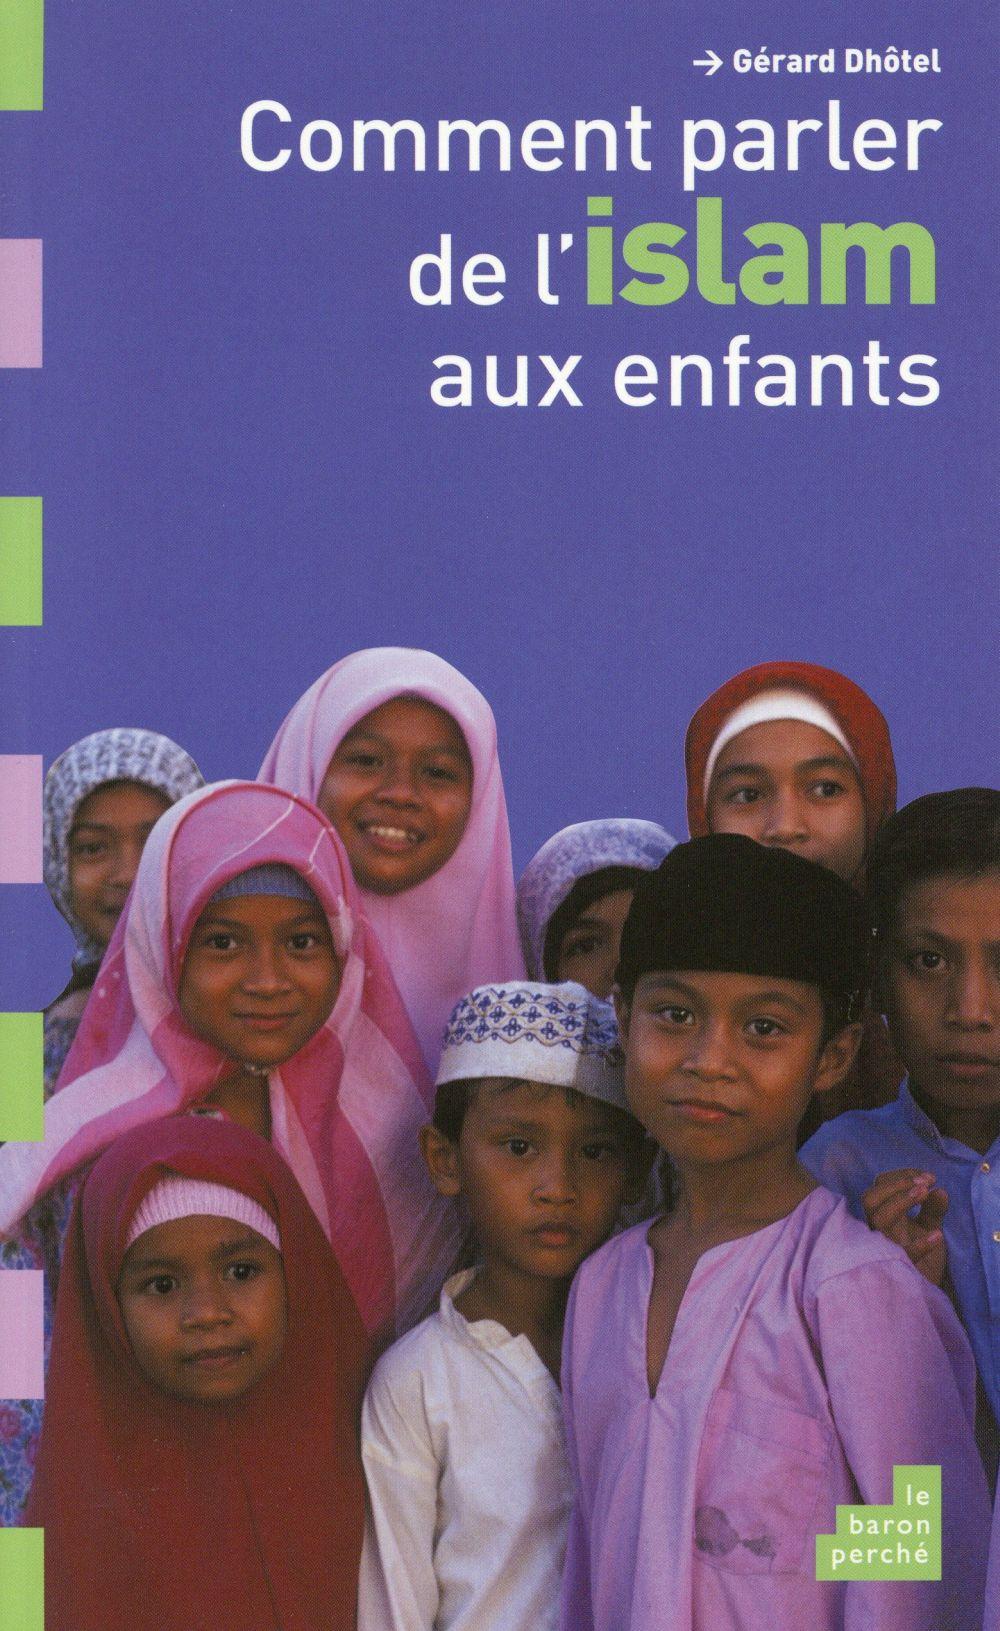 COMMENT PARLER D ISLAM AUX ENFANTS